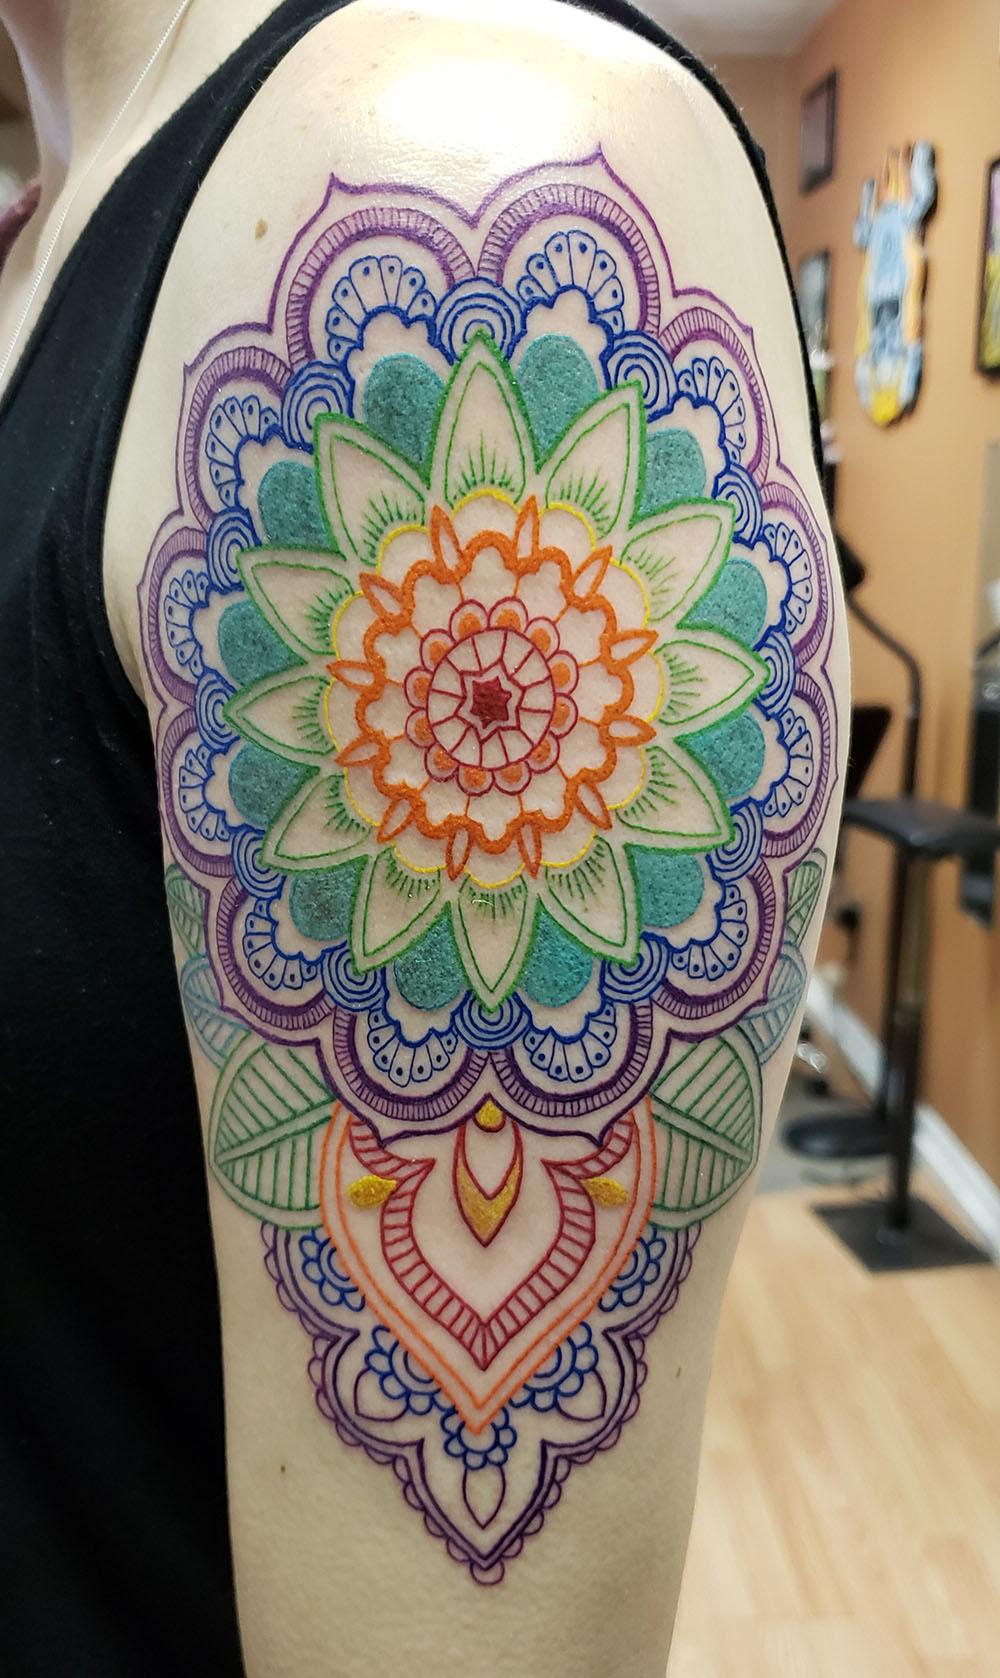 Rob Gwozdz, Cloud 9 Tattoo Co